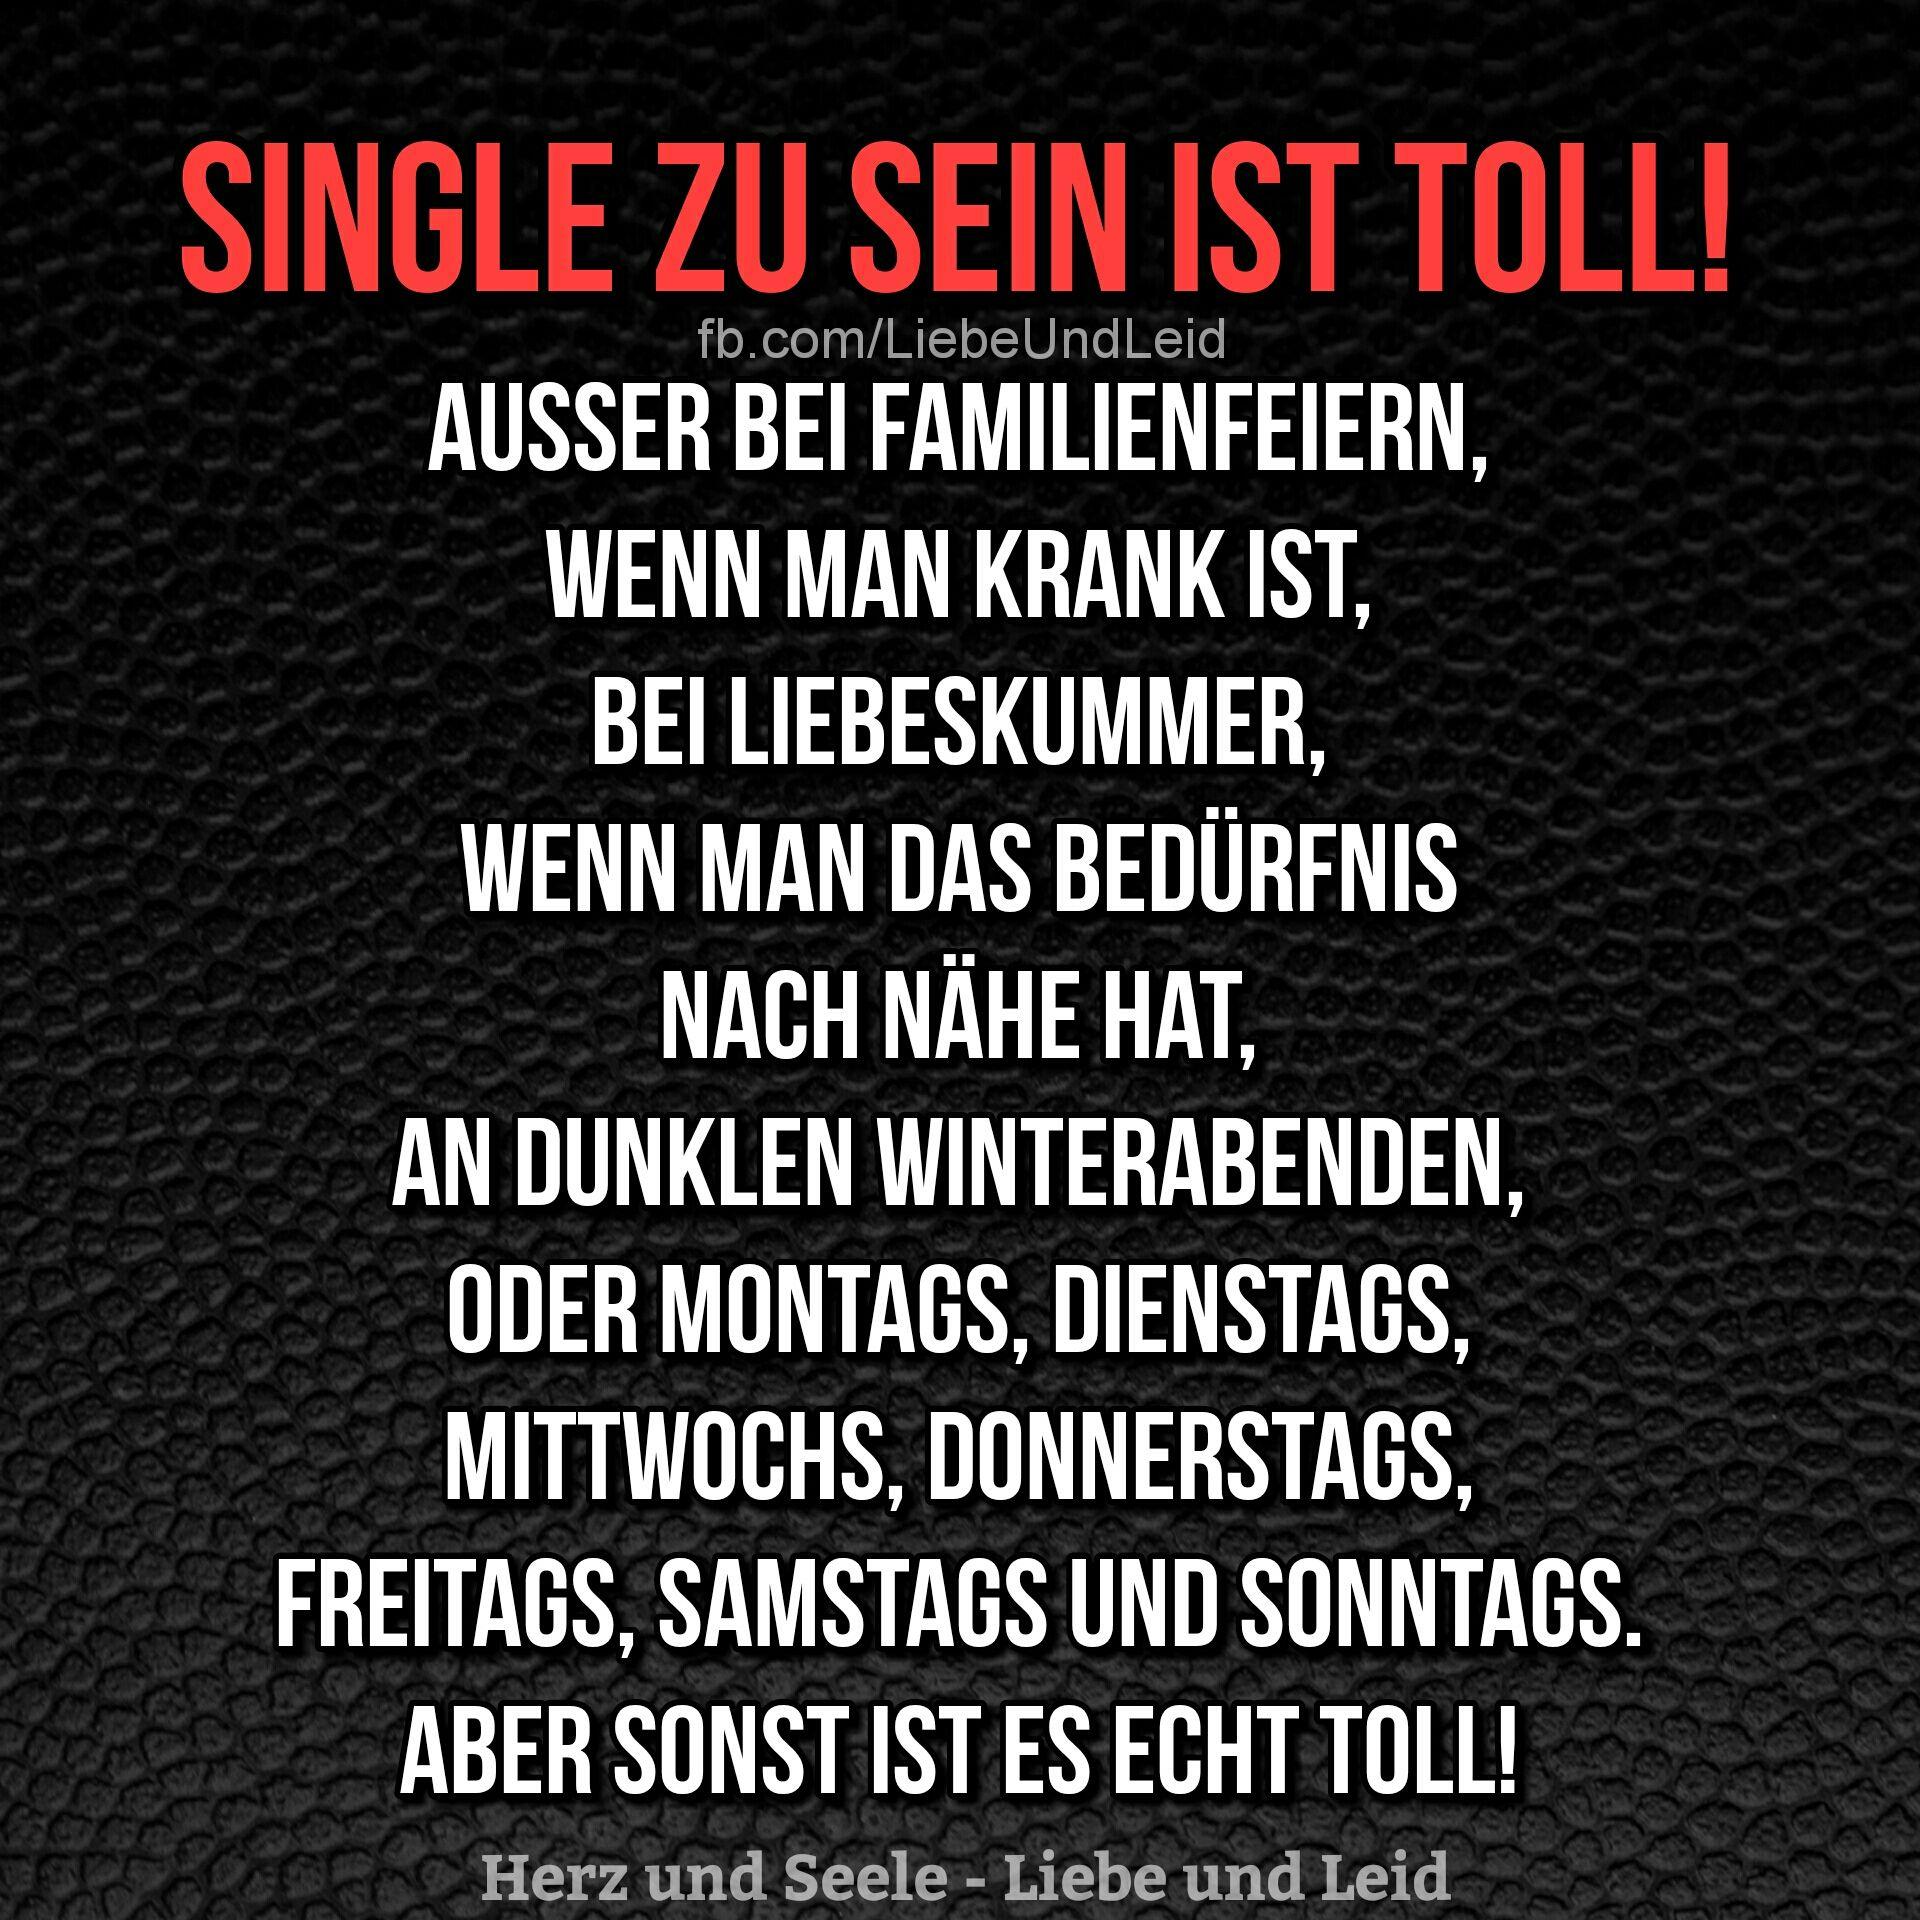 Single leben genießen sprüche. Single Leben genießen. 2019 01 30